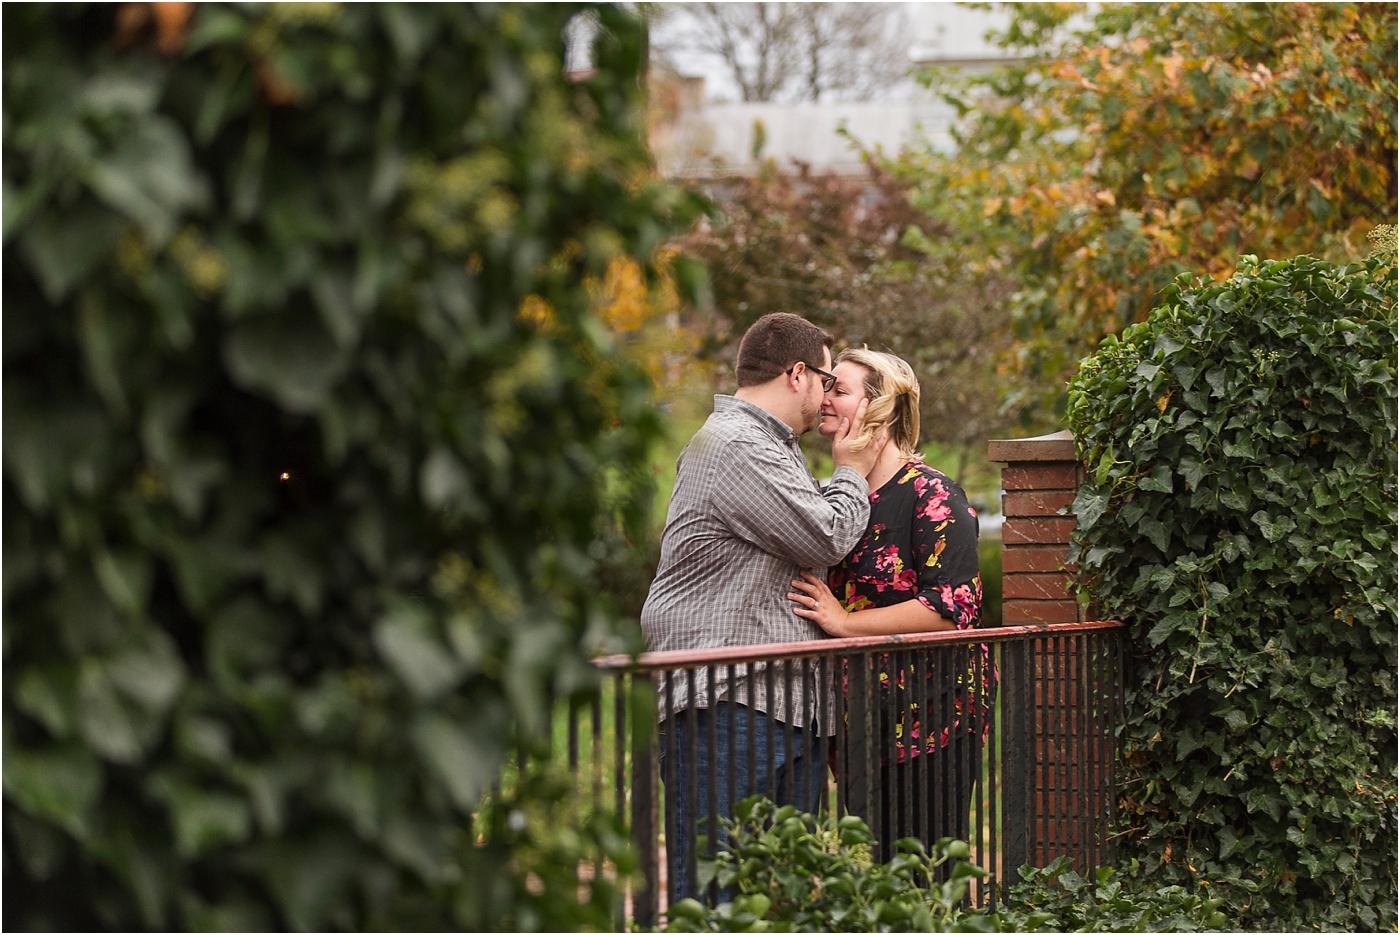 Frederick-Engagement-Photos-2016_0044.jpg